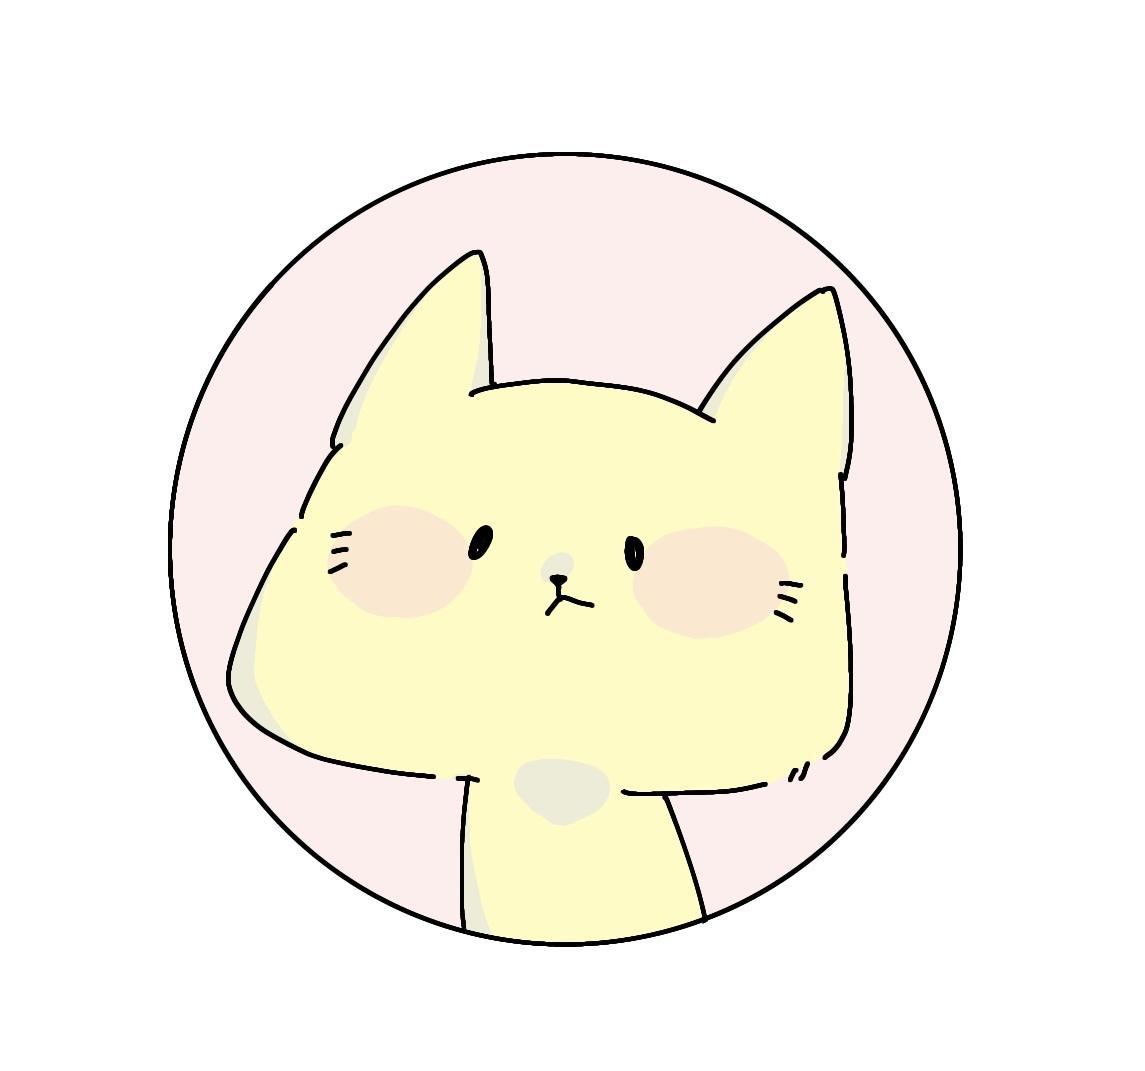 アニマルアイコン描きます あなたの好きな動物ゆるく描きますෆ̈ イメージ1